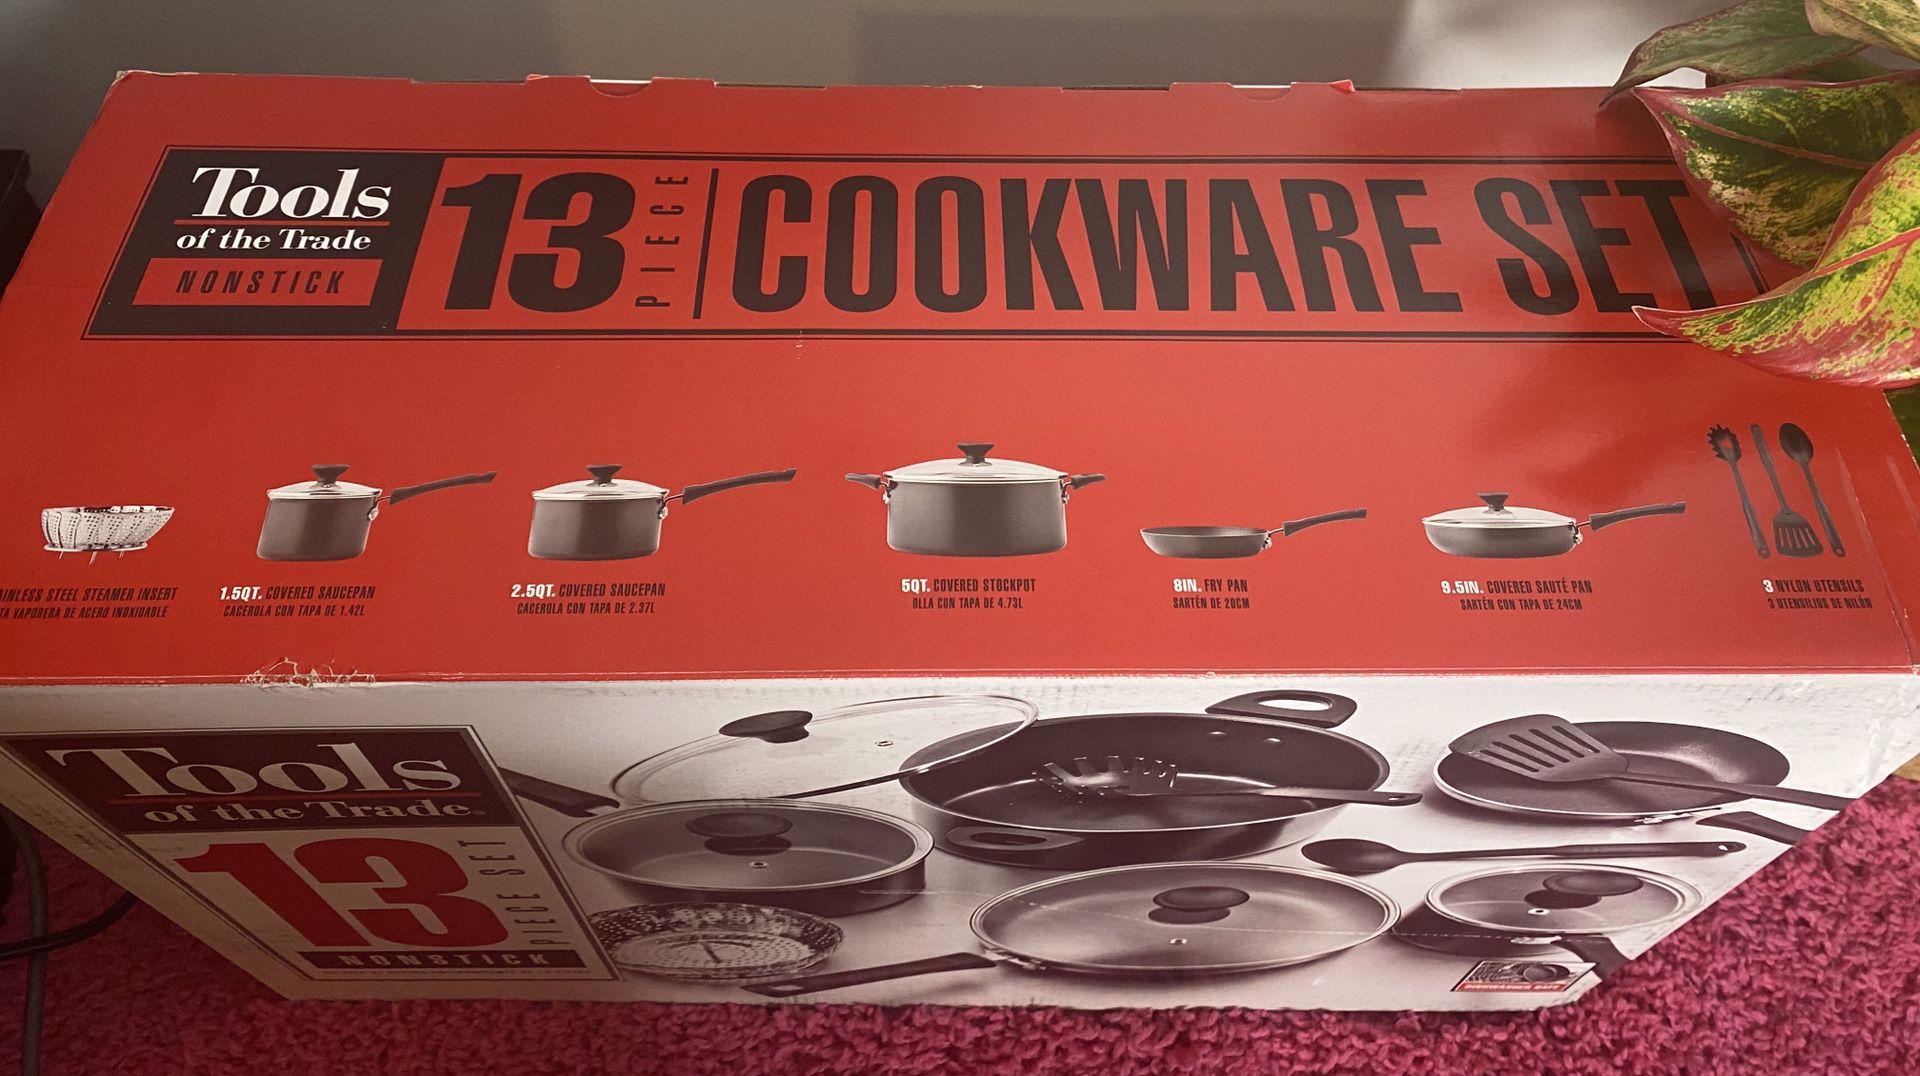 Tools Cookware set 13 piece